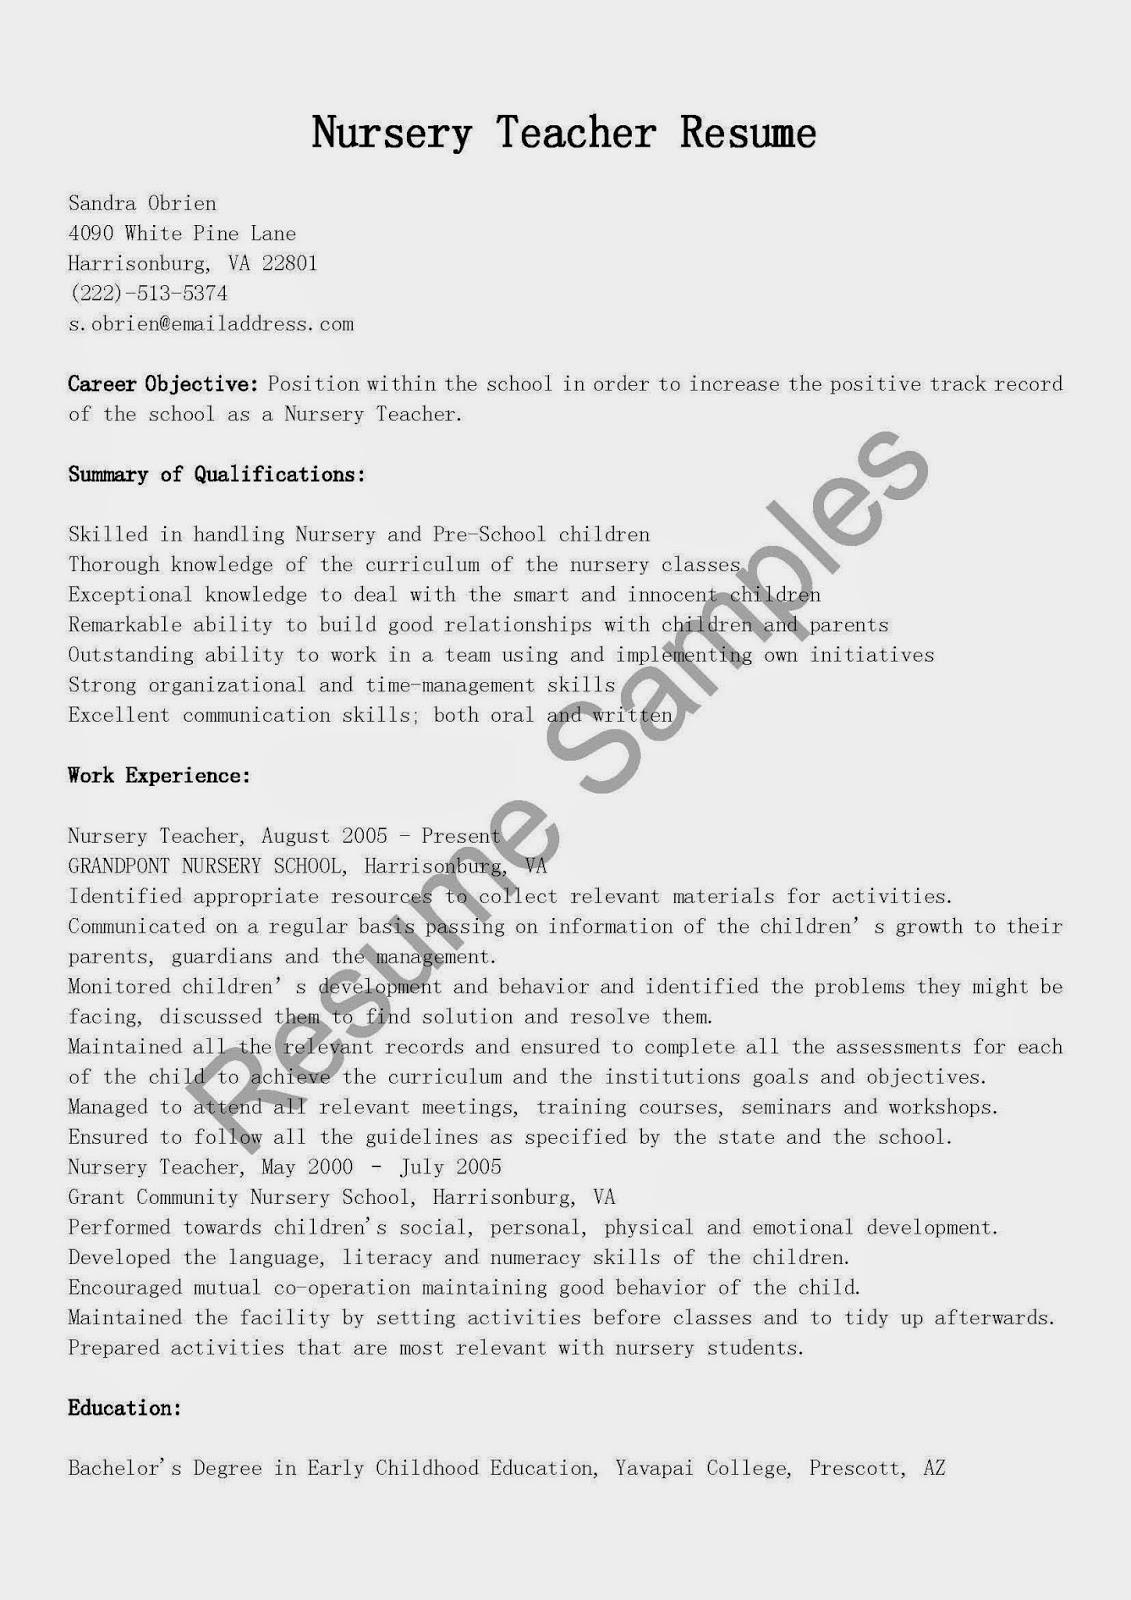 resume sles nursery resume sle